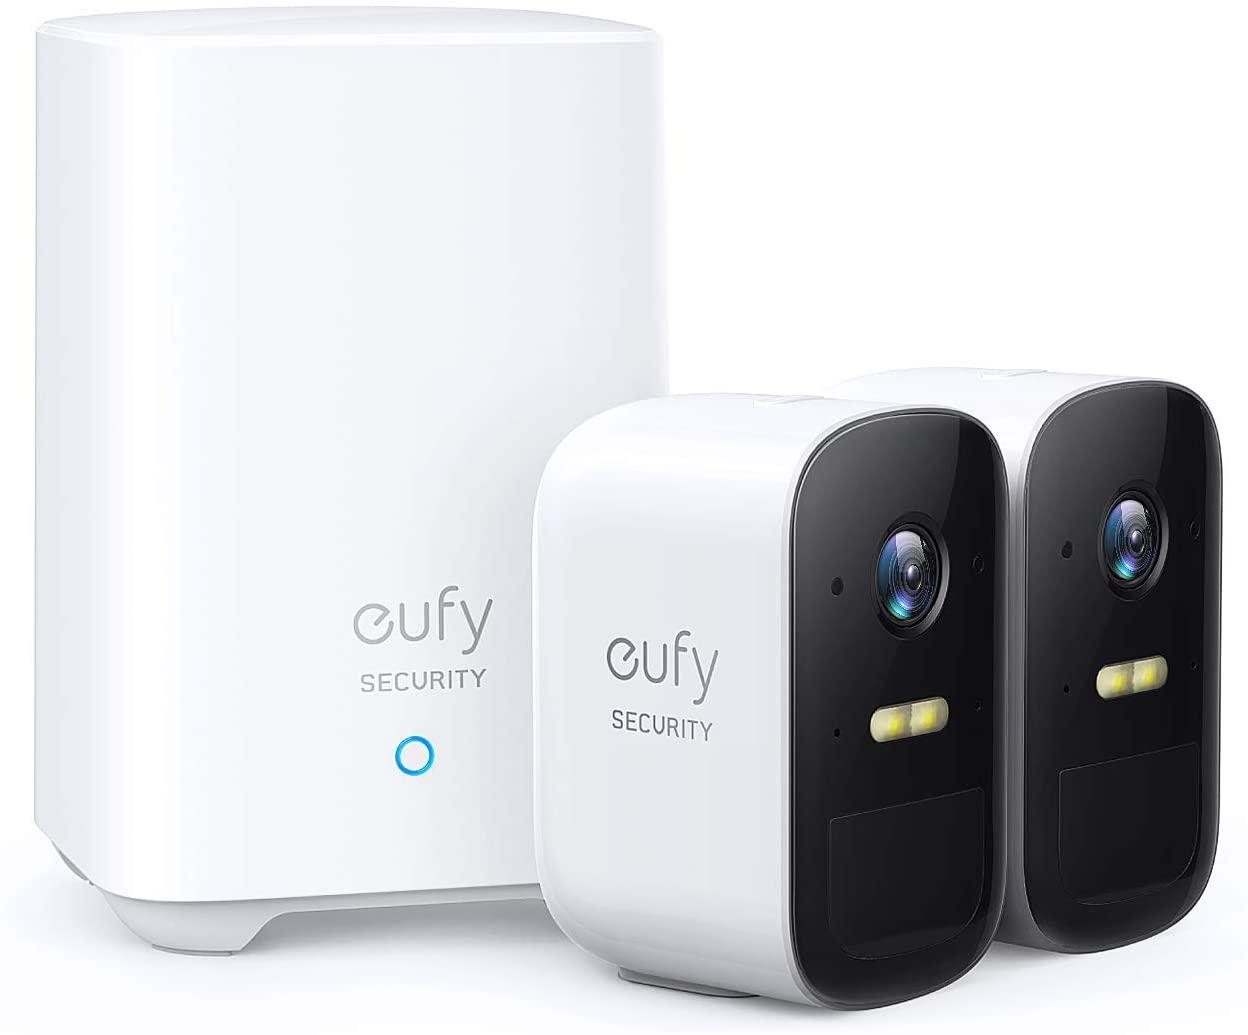 Sistema de Cámara de Vigilancia Inalámbrica eufy Security eufyCam 2C, Cámara de Seguridad, 180 días Autonomía de la Batería, HD 1080p, Resistencia al Agua IPX65, Visión Nocturna, Compatible con Alexa